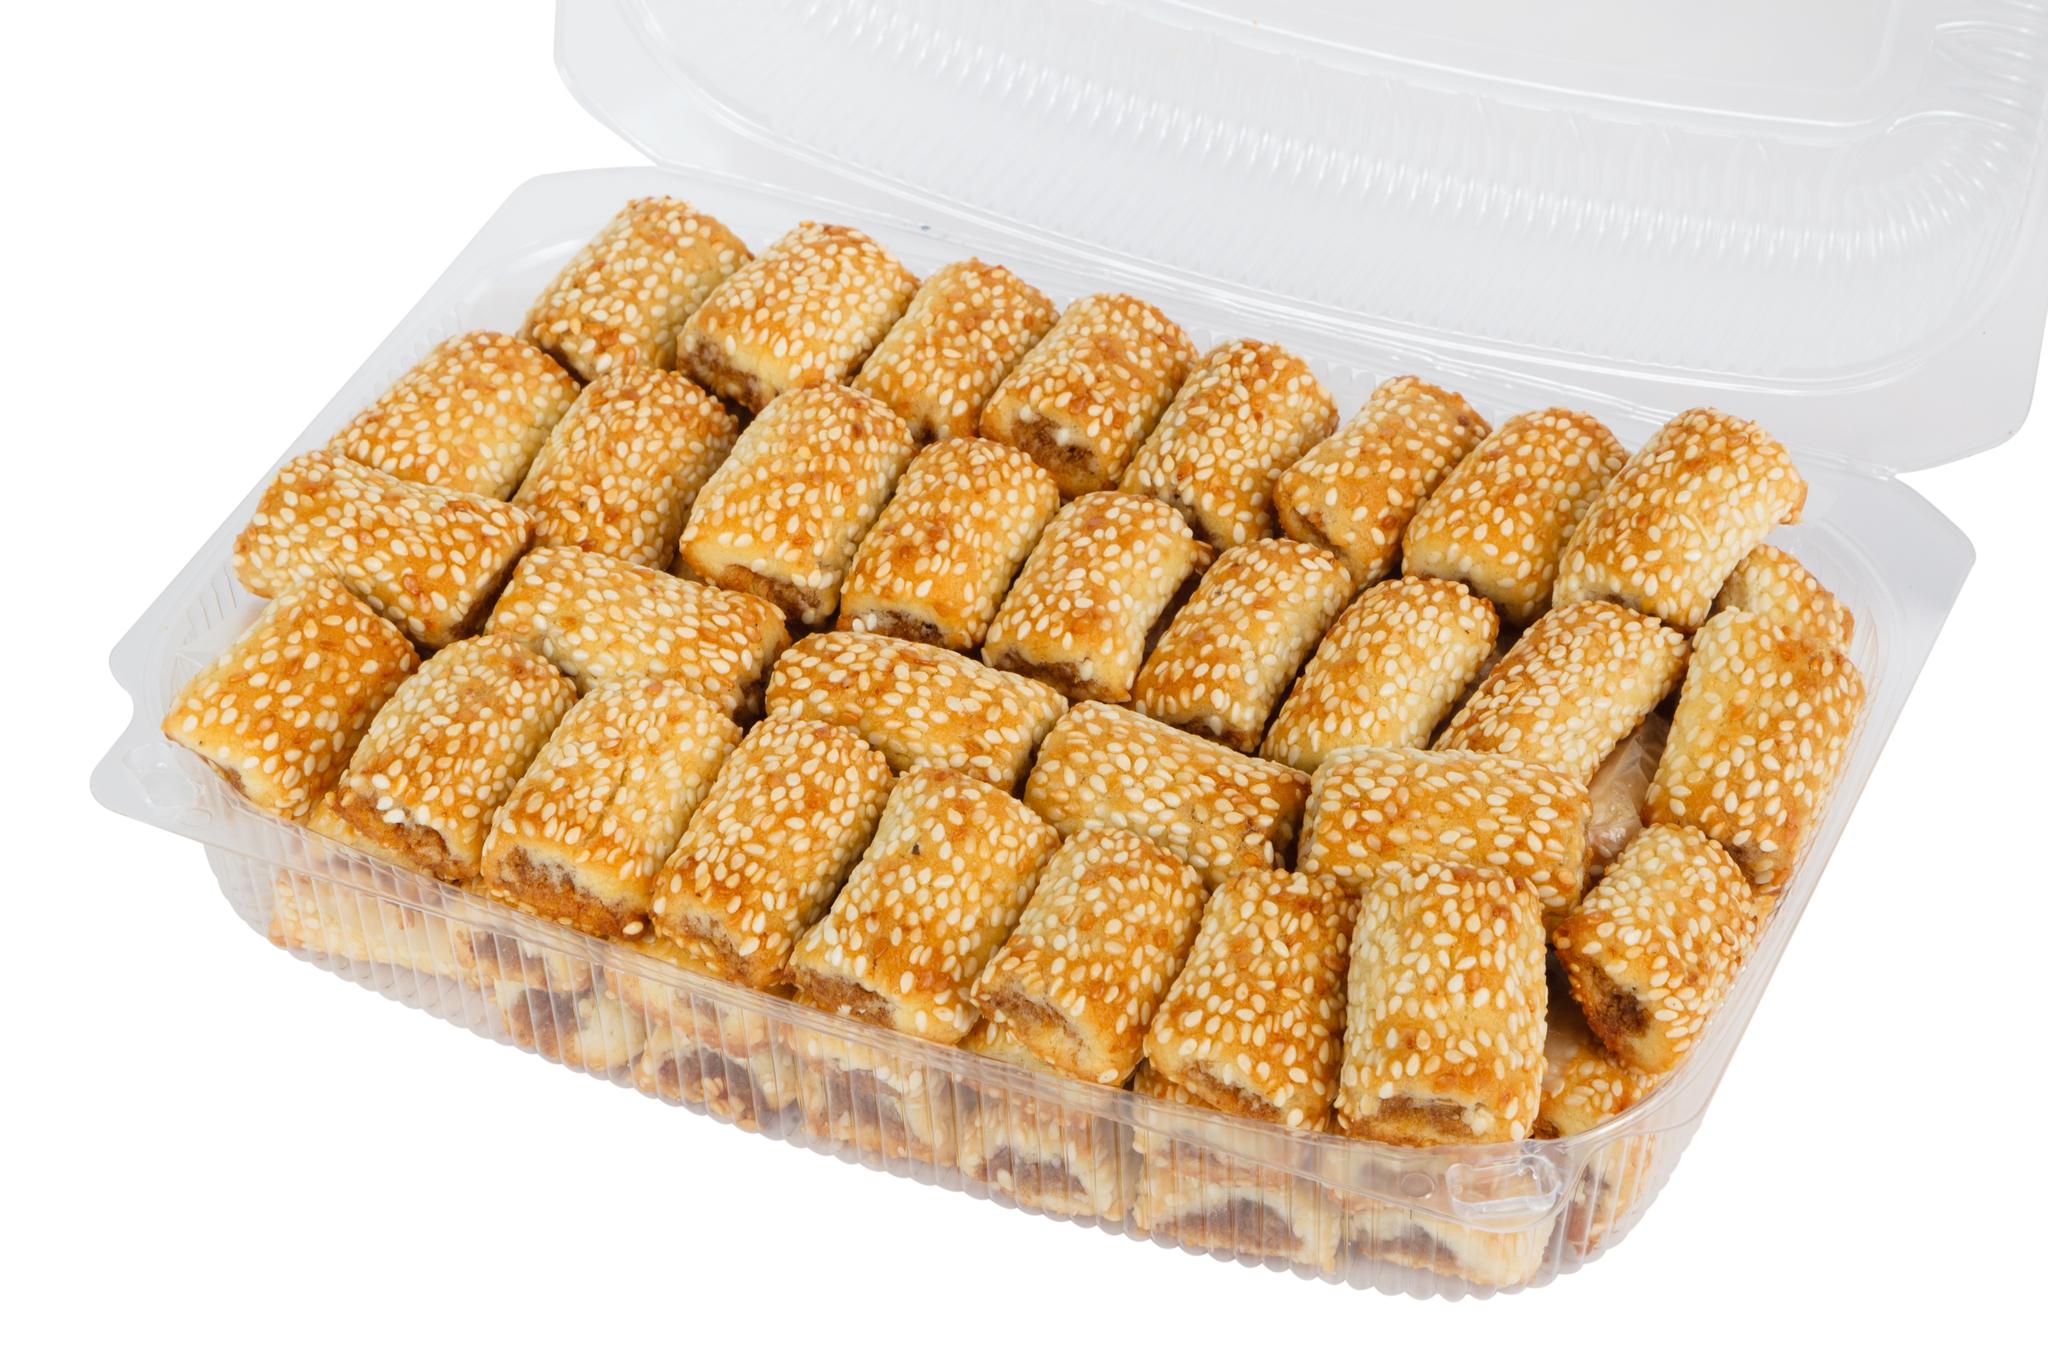 Печенье Восточное печенье Фингерз с финиками, 800 г import_files_75_75ecc69e787e11e799f3606c664b1de1_2267781eae6c11e7b011fcaa1488e48f.jpg